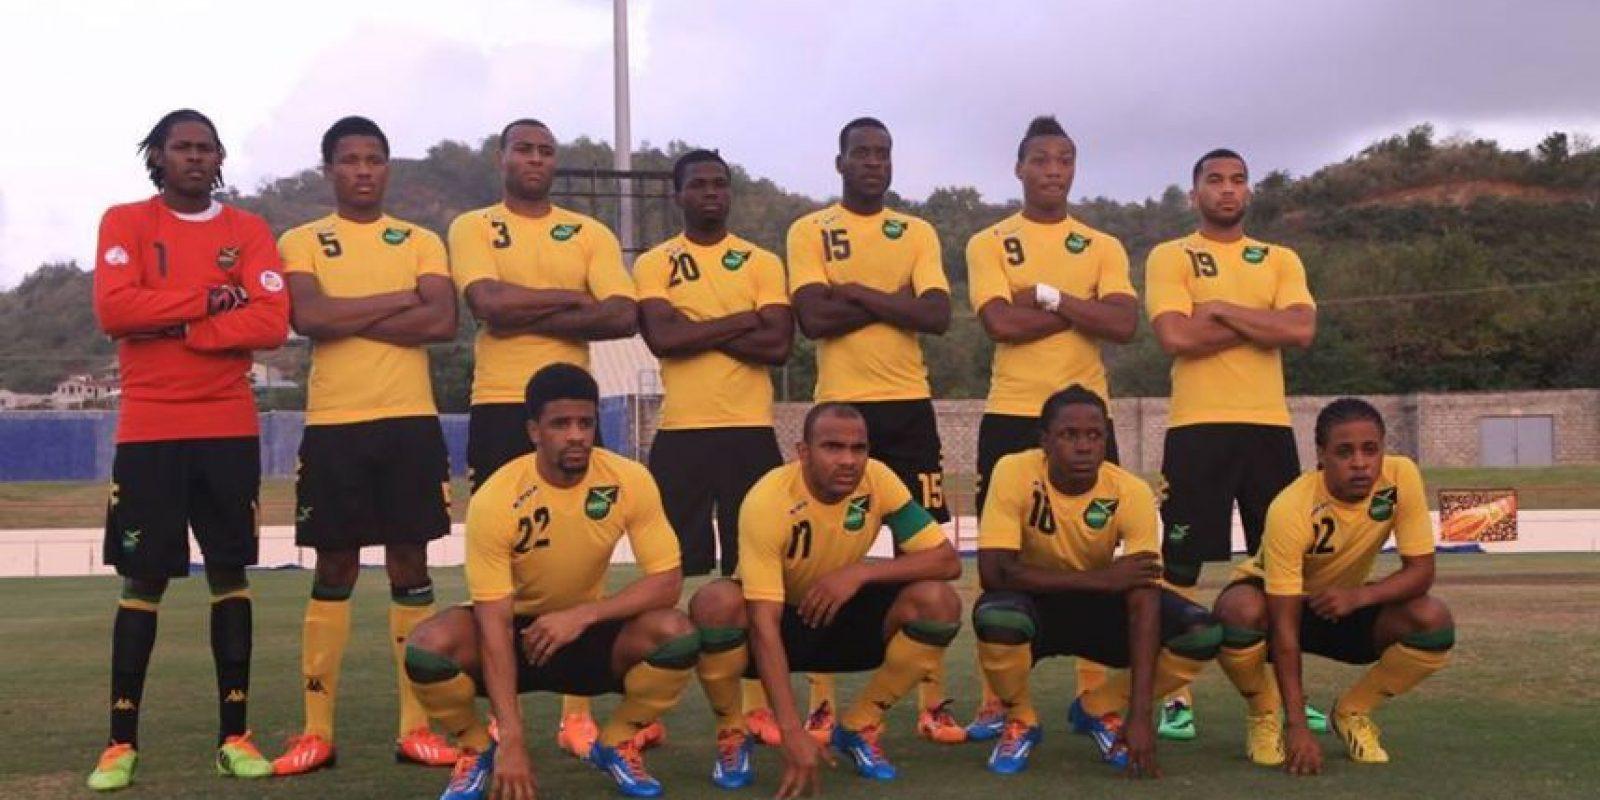 Los caribeños jugarán en primera ronda contra Argentina, Uruguay y Paraguay. Foto:Vía facebook.com/JamaicaFootballFederation